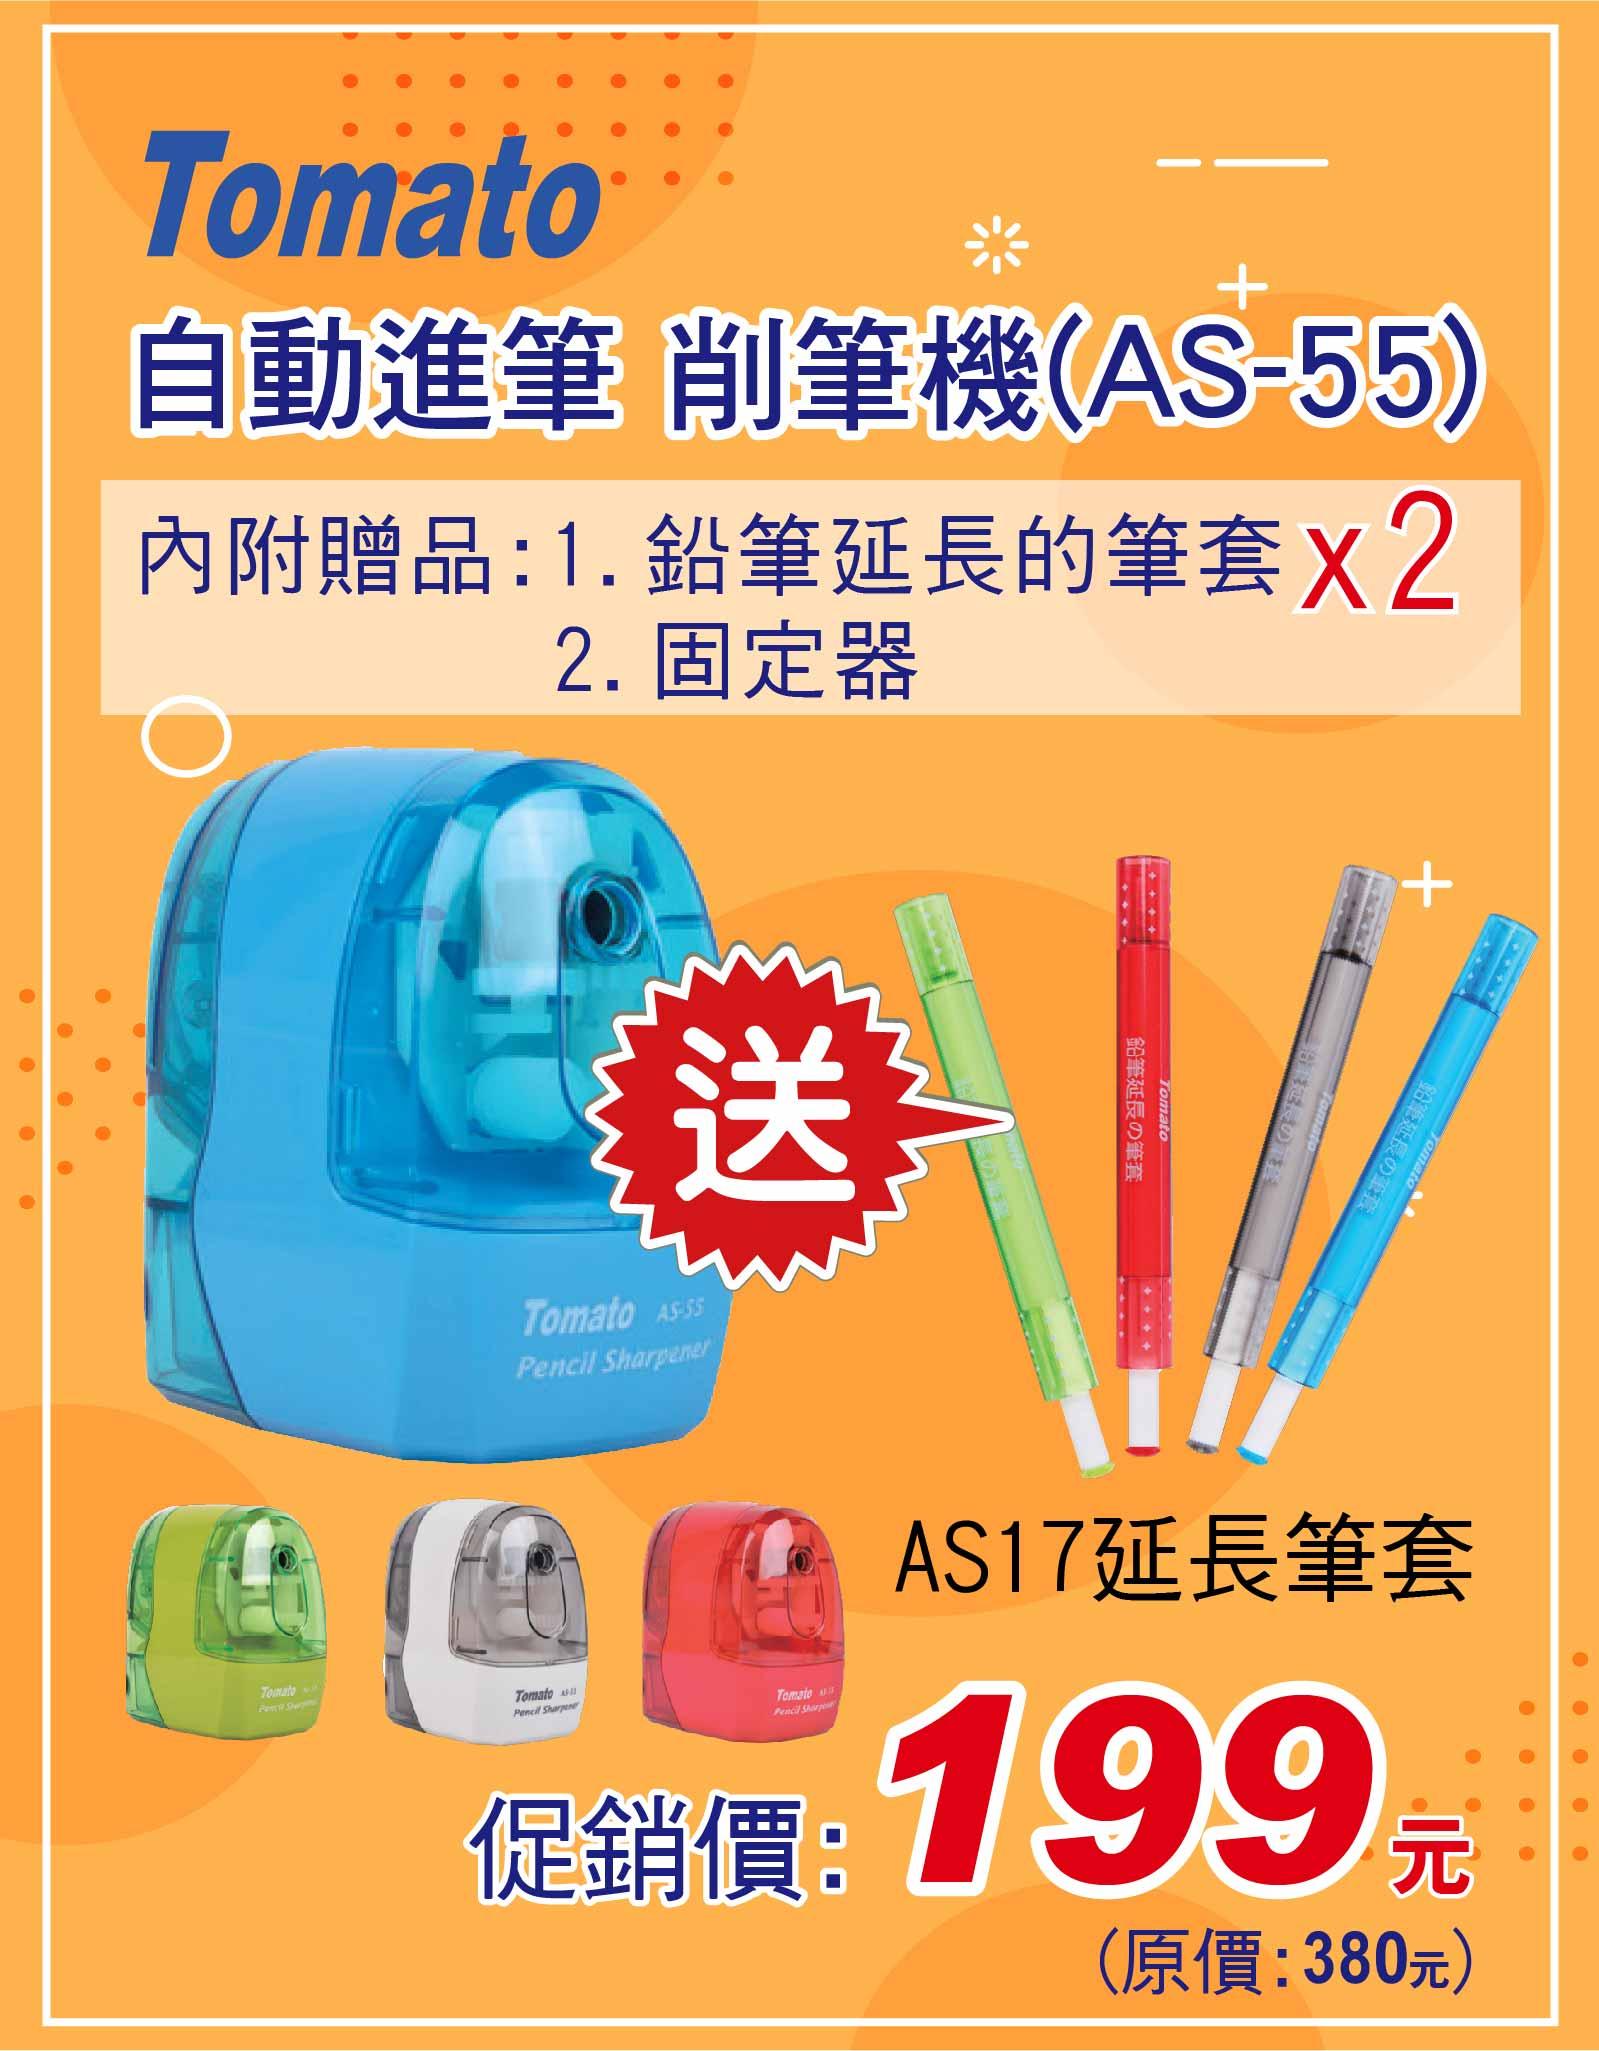 Tomato自動削筆機促銷價199元再送鉛筆延長筆套